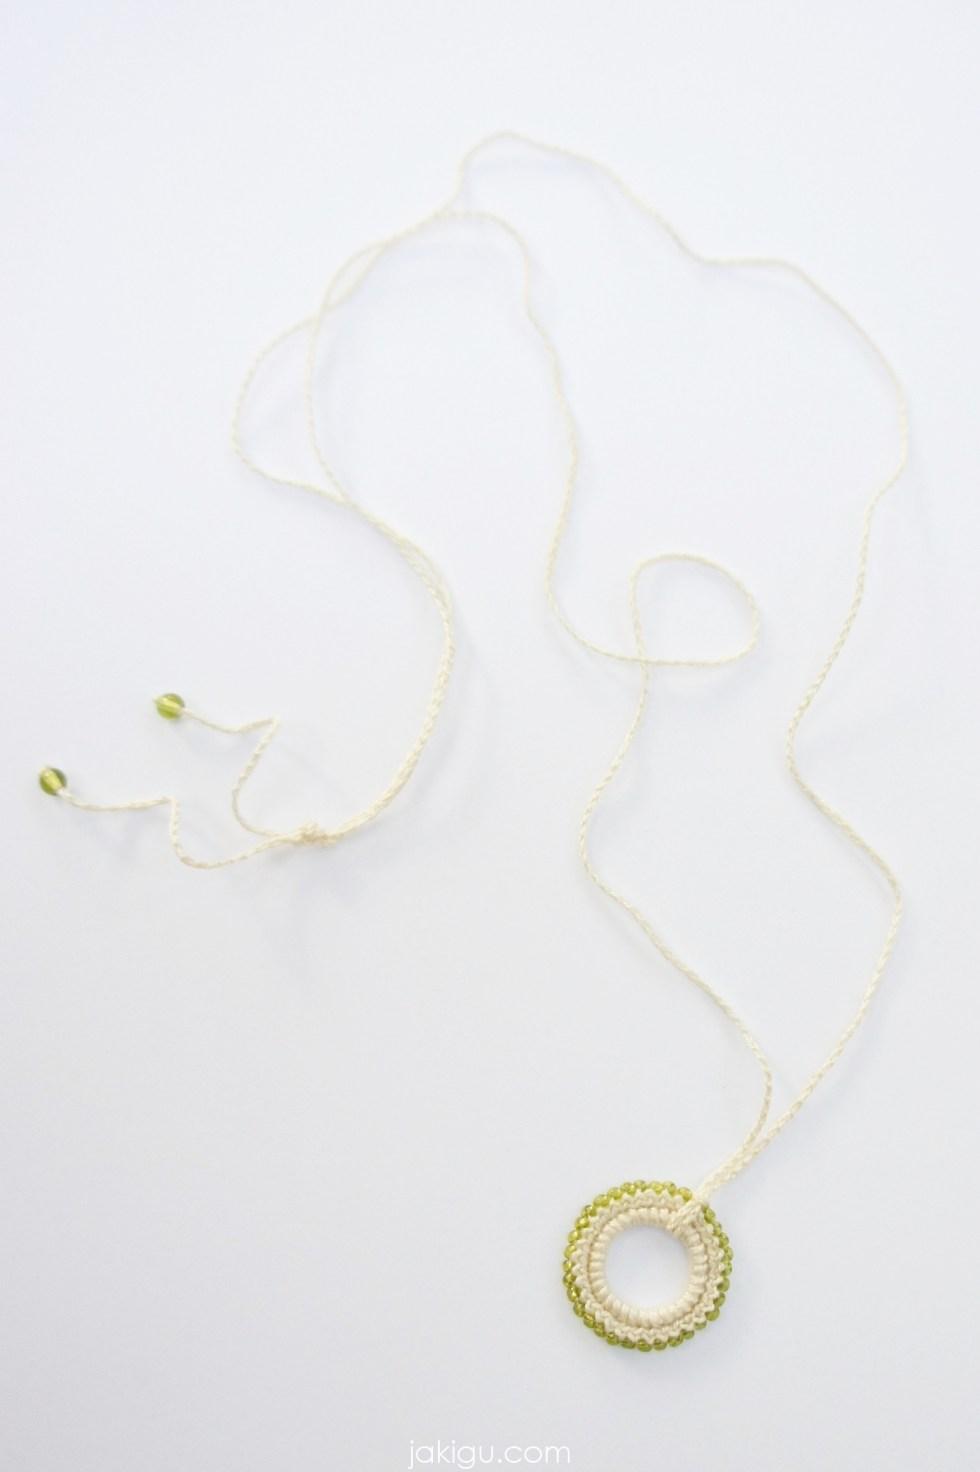 Beaded crochet pendant - free crochet pattern by jakigu.com